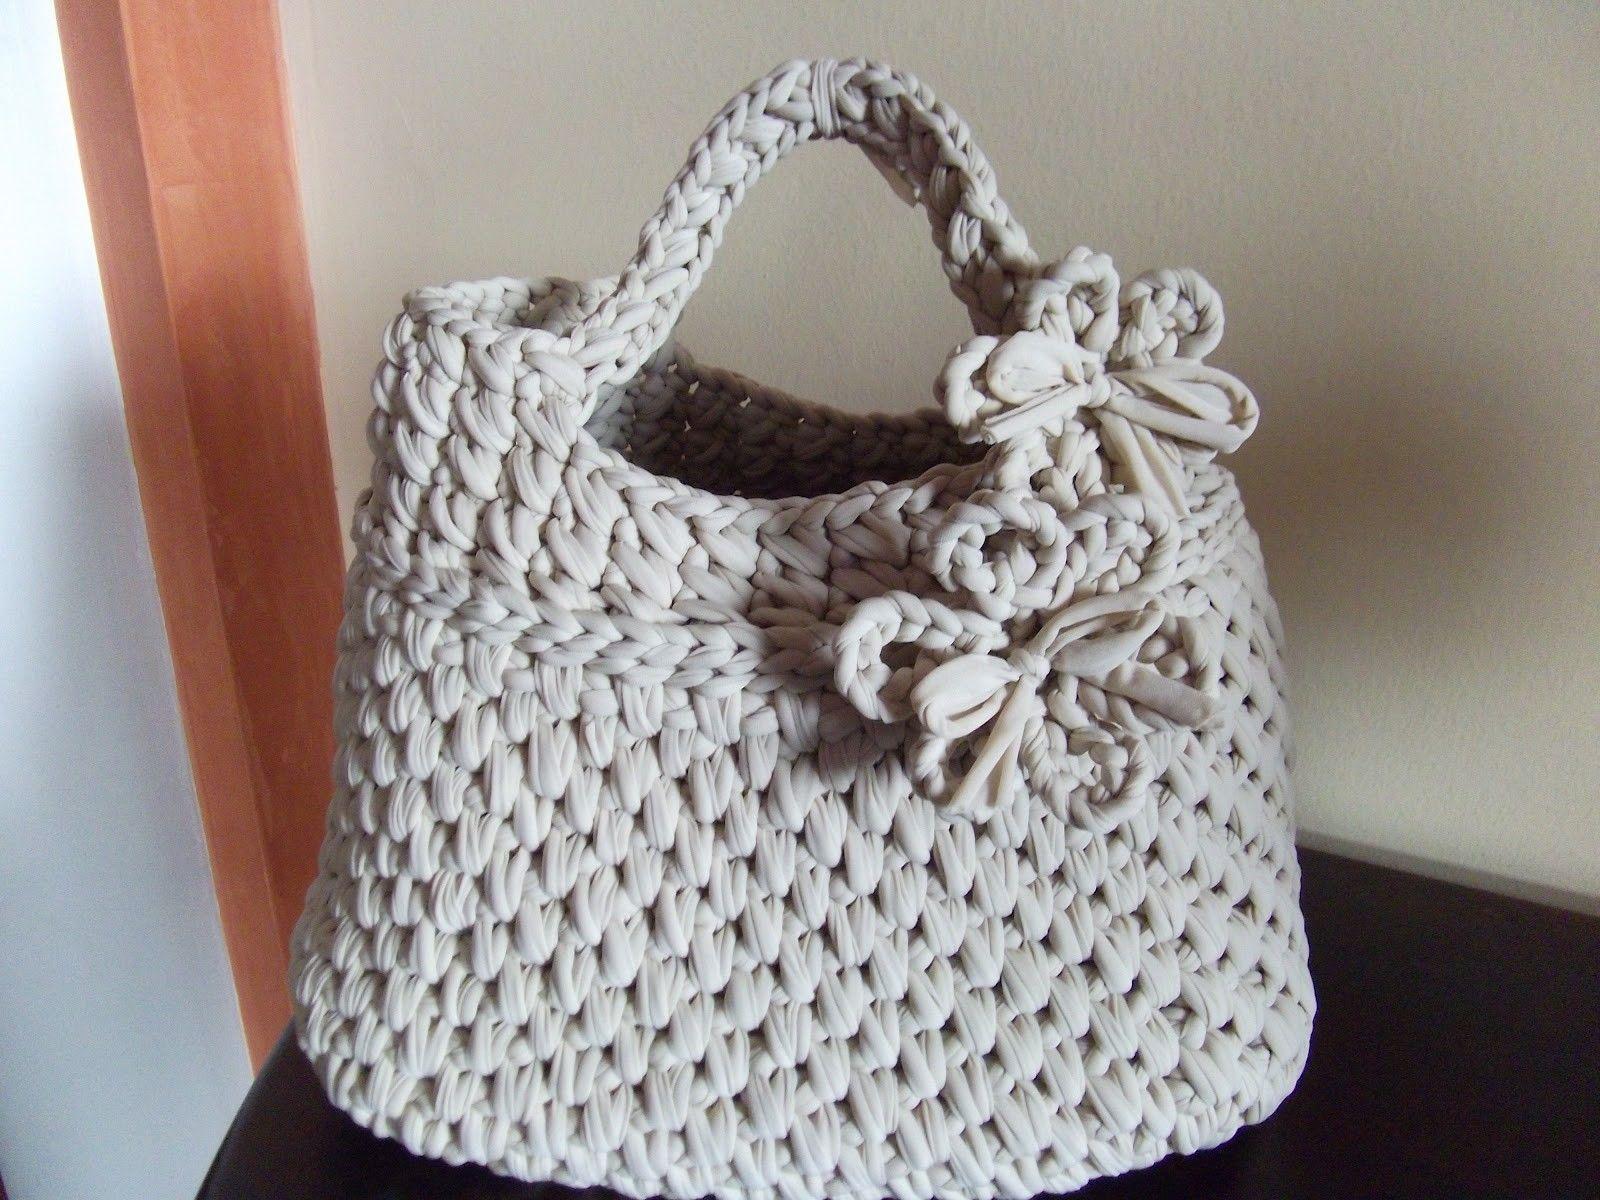 Le borse di lella borsa in fettuccia color panna tasne for Borse fettuccia tutorial